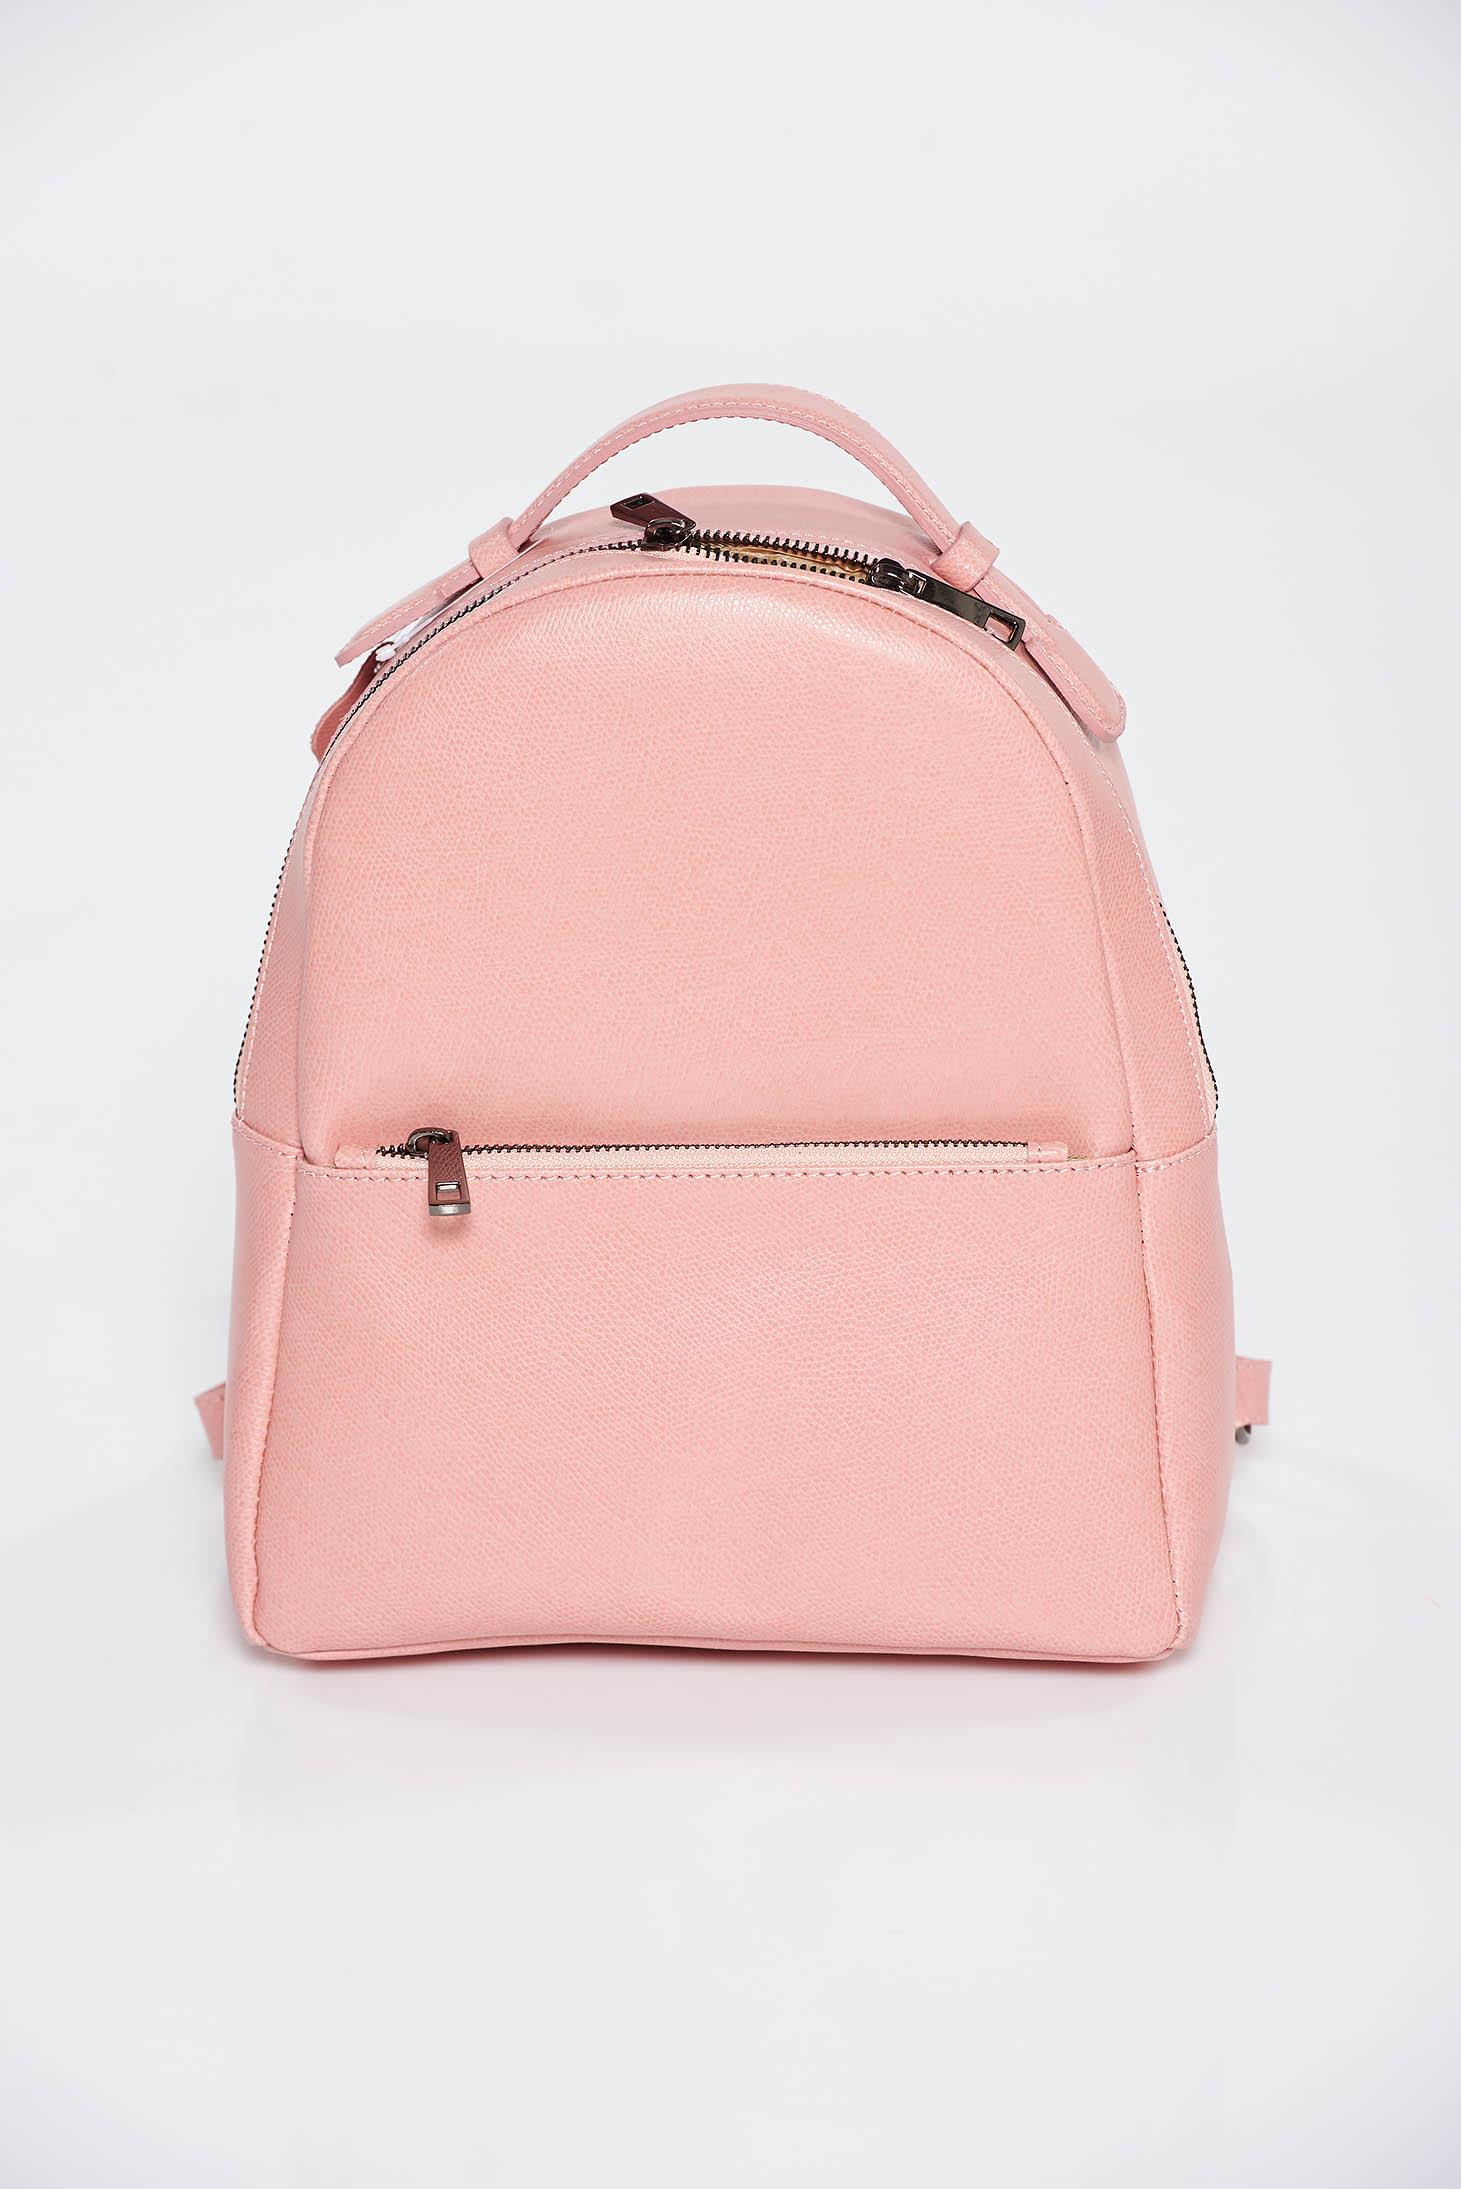 Rucsac roz deschis casual din piele naturala cu bretele ajustabile si fermoare